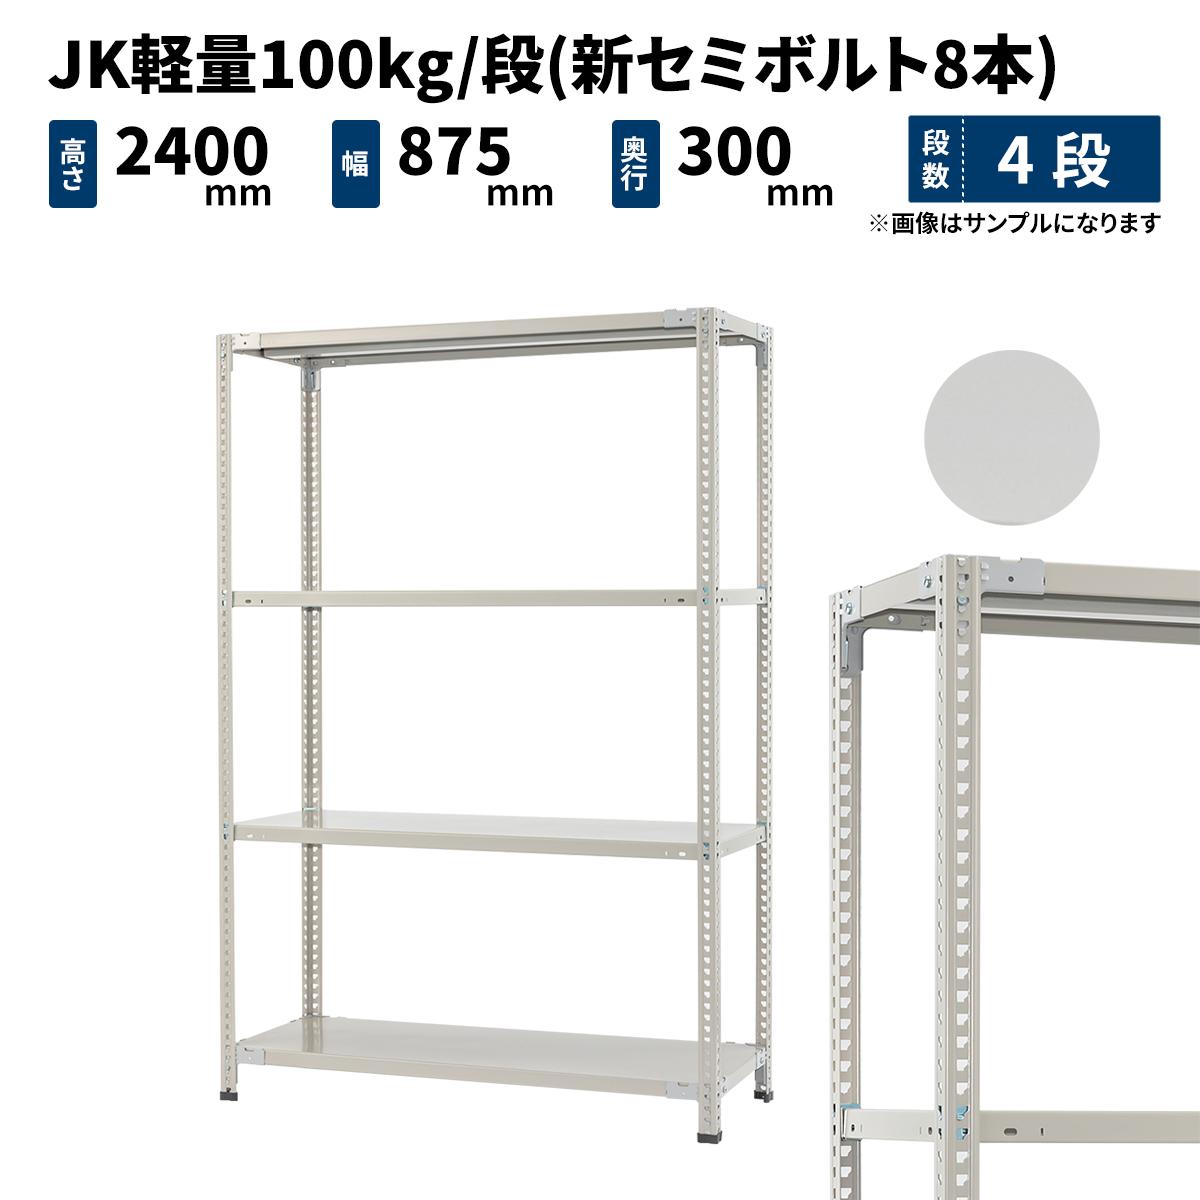 スチールラック 業務用 JK軽量100kg/段(新セミボルト8本) 高さ2400×幅875×奥行300mm 4段 ホワイトグレー (24kg) JK100NT-248703-4